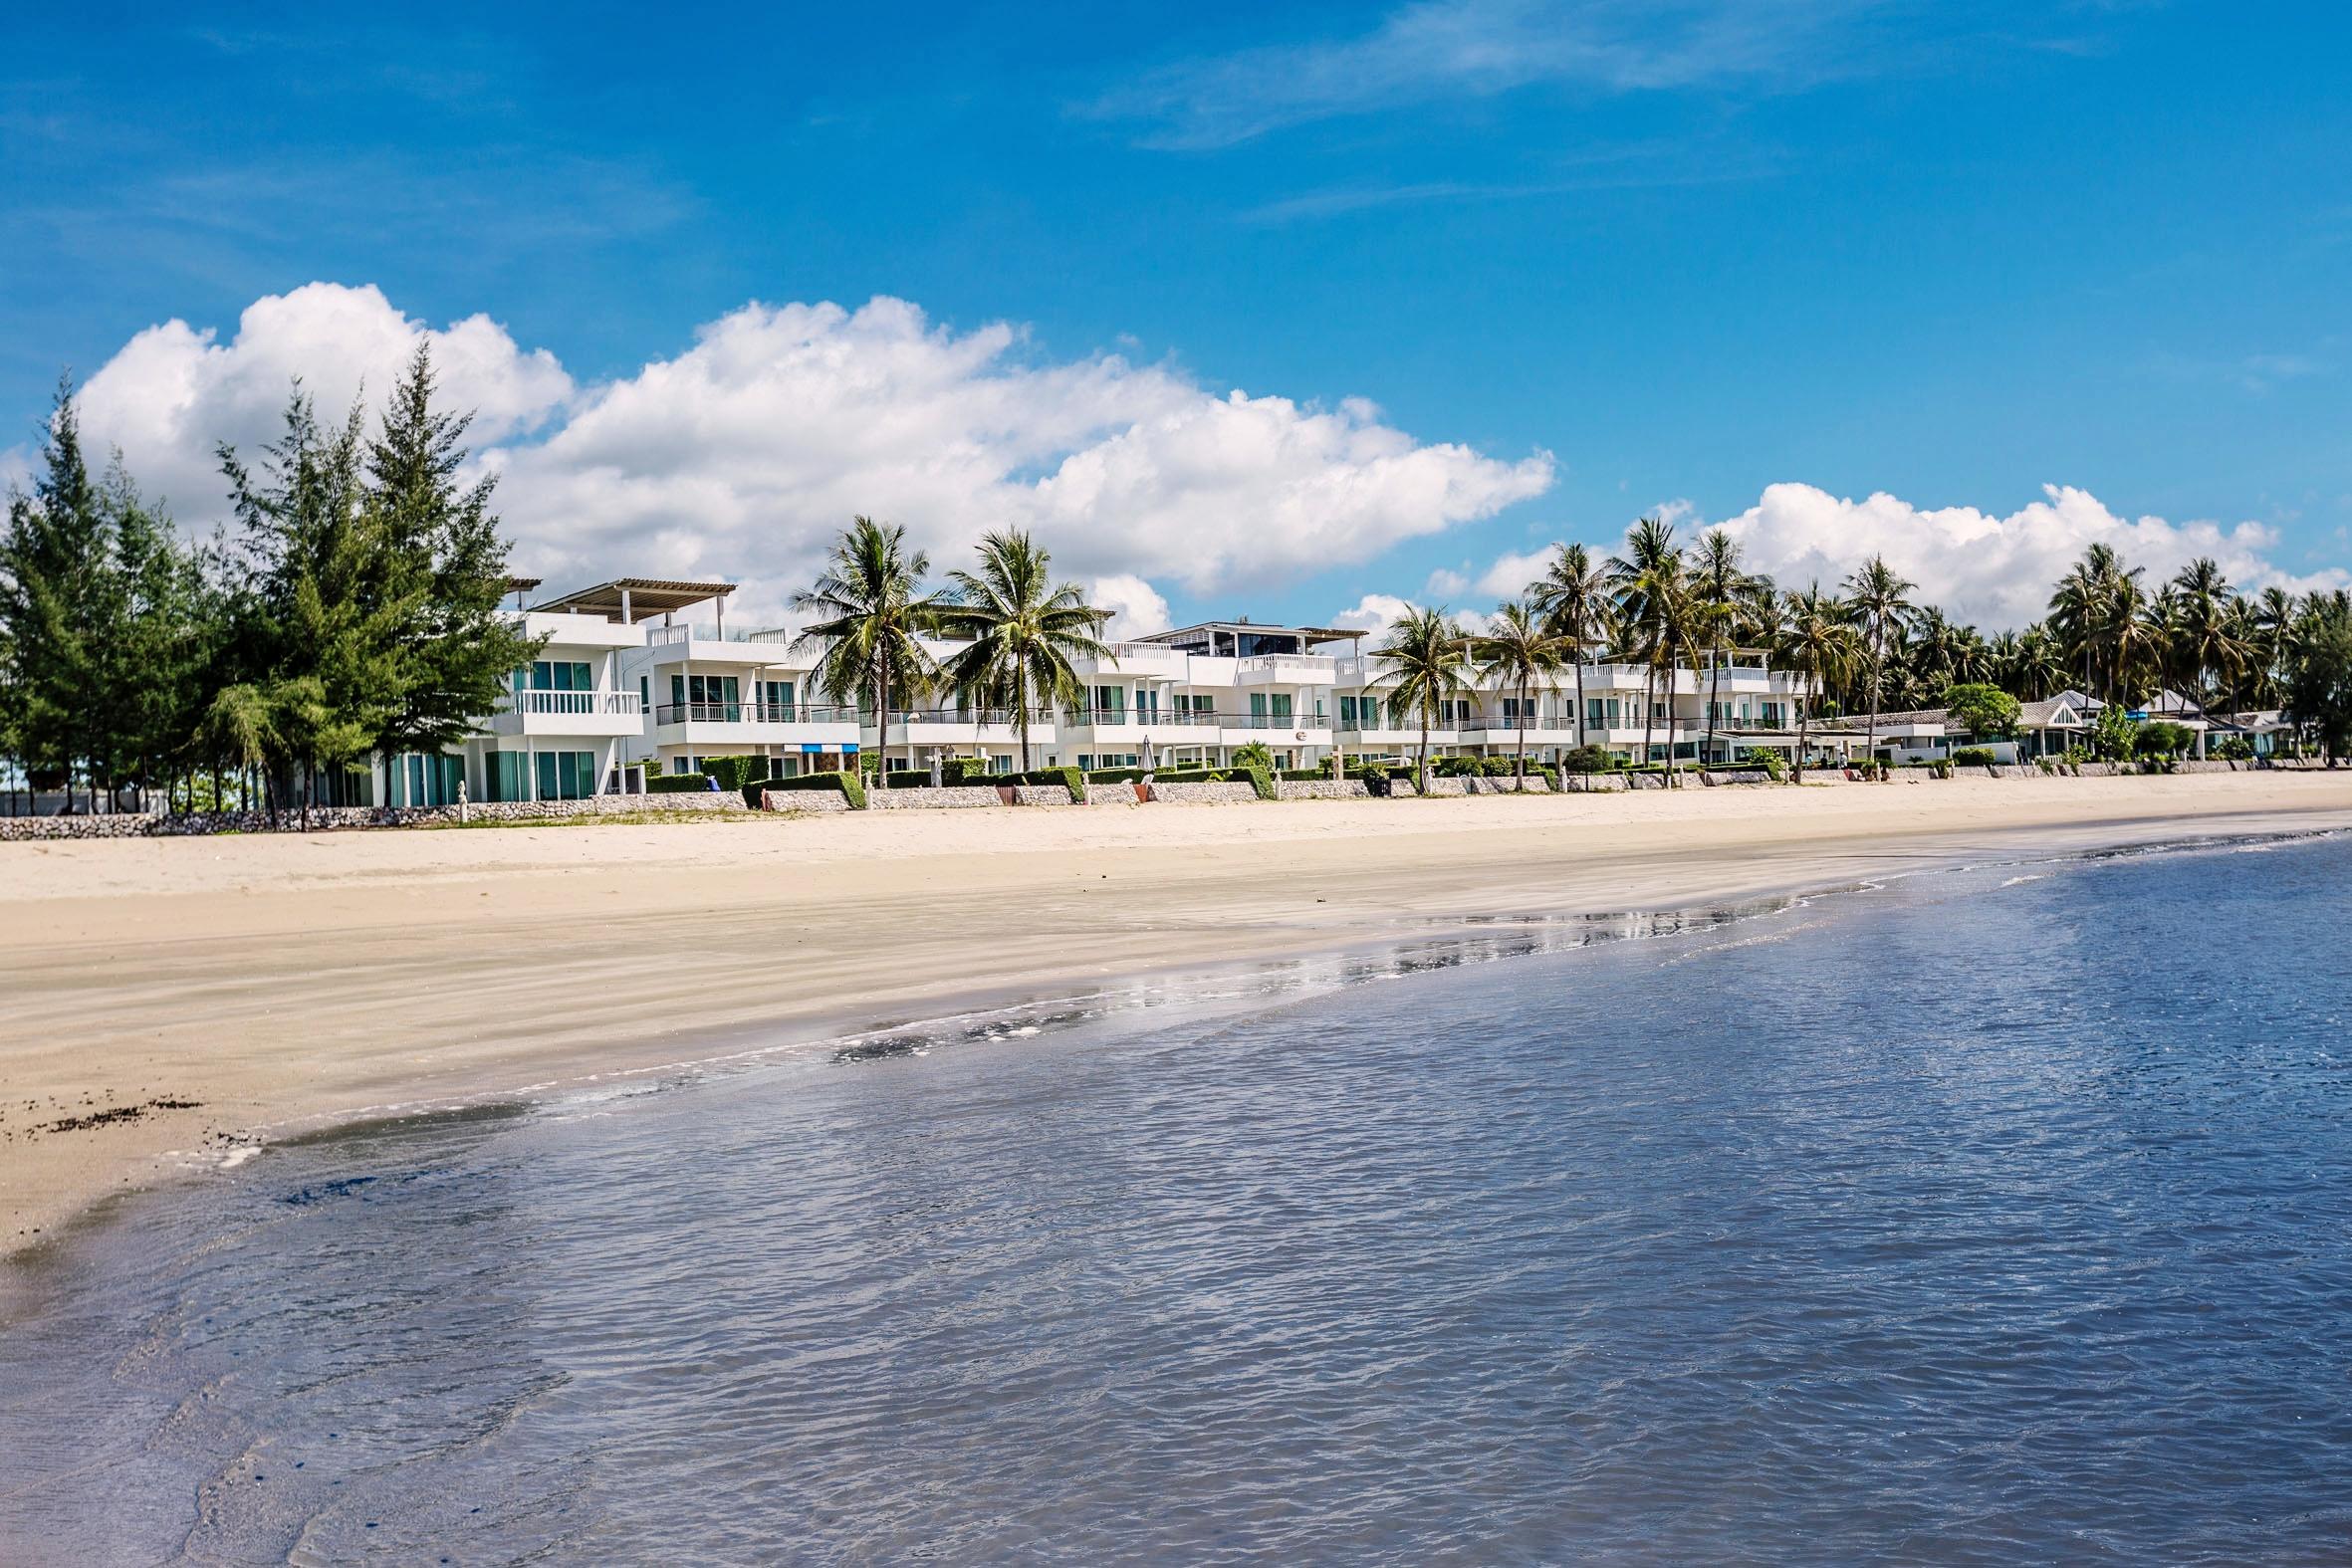 Strandhuset sett från havet.